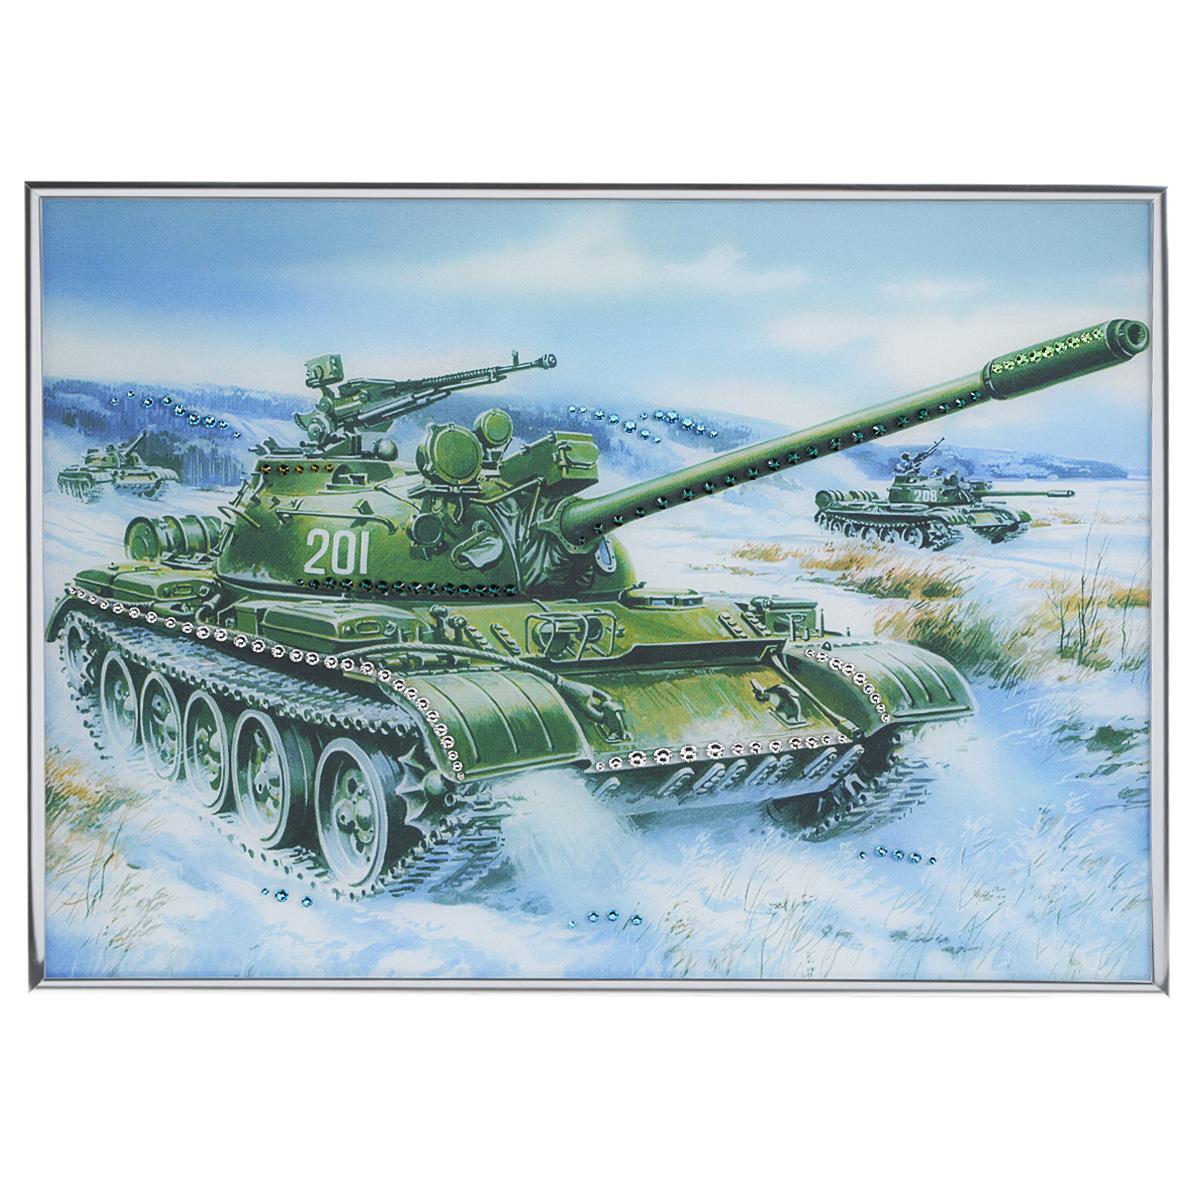 Картина с кристаллами Swarovski Танк, 40 х 30 смAG 40-01Изящная картина в металлической раме, инкрустирована кристаллами Swarovski, которые отличаются четкой и ровной огранкой, ярким блеском и чистотой цвета. Красочное изображение танка, расположенное под стеклом, прекрасно дополняет блеск кристаллов. С обратной стороны имеется металлическая петелька для размещения картины на стене.Картина с кристаллами Swarovski Танк элегантно украсит интерьер дома или офиса, а также станет прекрасным подарком, который обязательно понравится получателю. Блеск кристаллов в интерьере, что может быть сказочнее и удивительнее. Картина упакована в подарочную картонную коробку синего цвета и комплектуется сертификатом соответствия Swarovski.